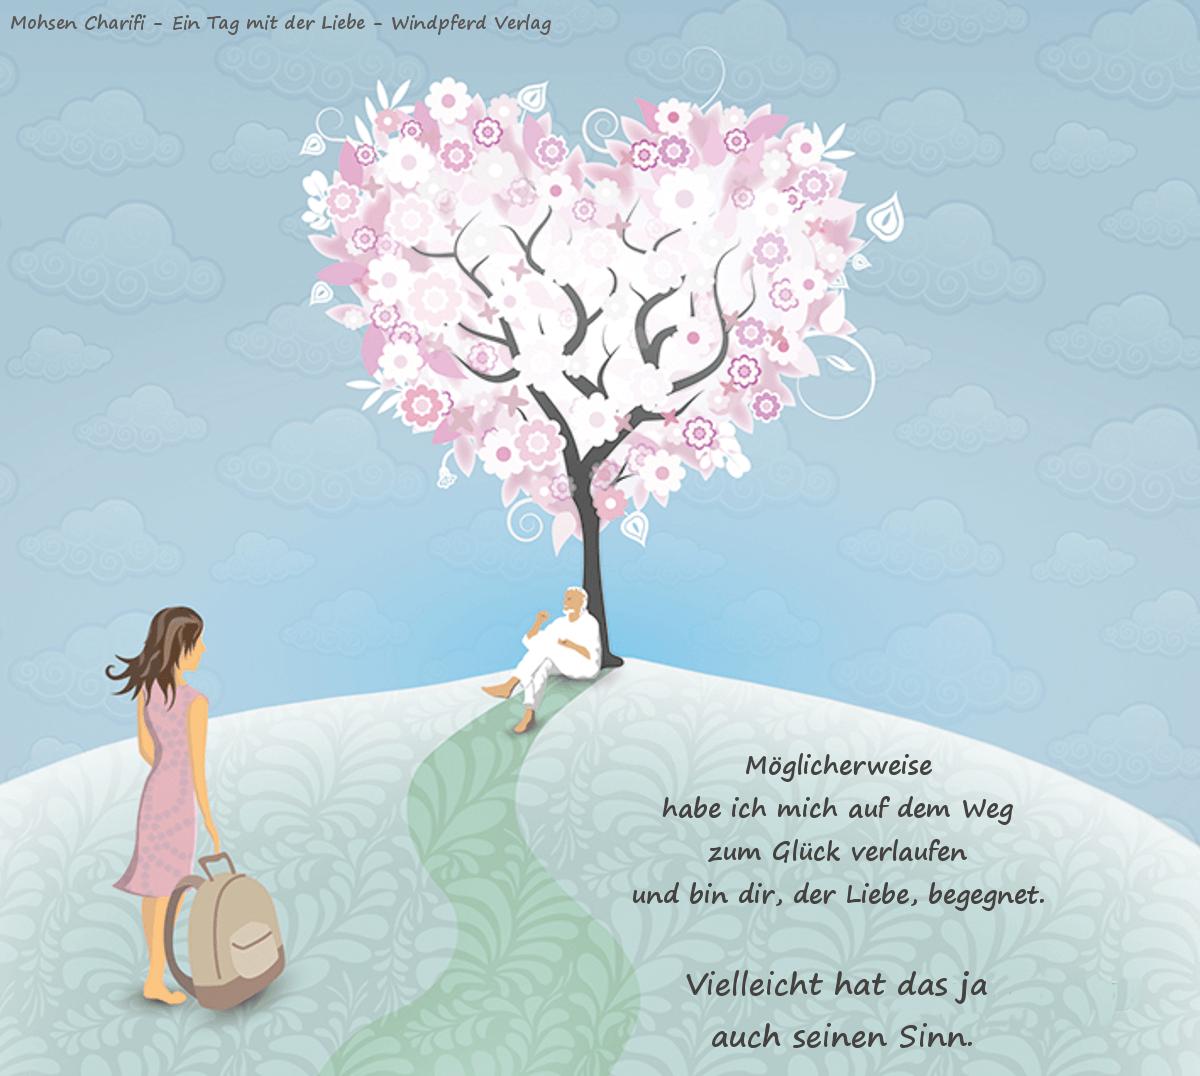 Zitat Aus Mohsen Charifi Ein Tag Mit Der Liebe